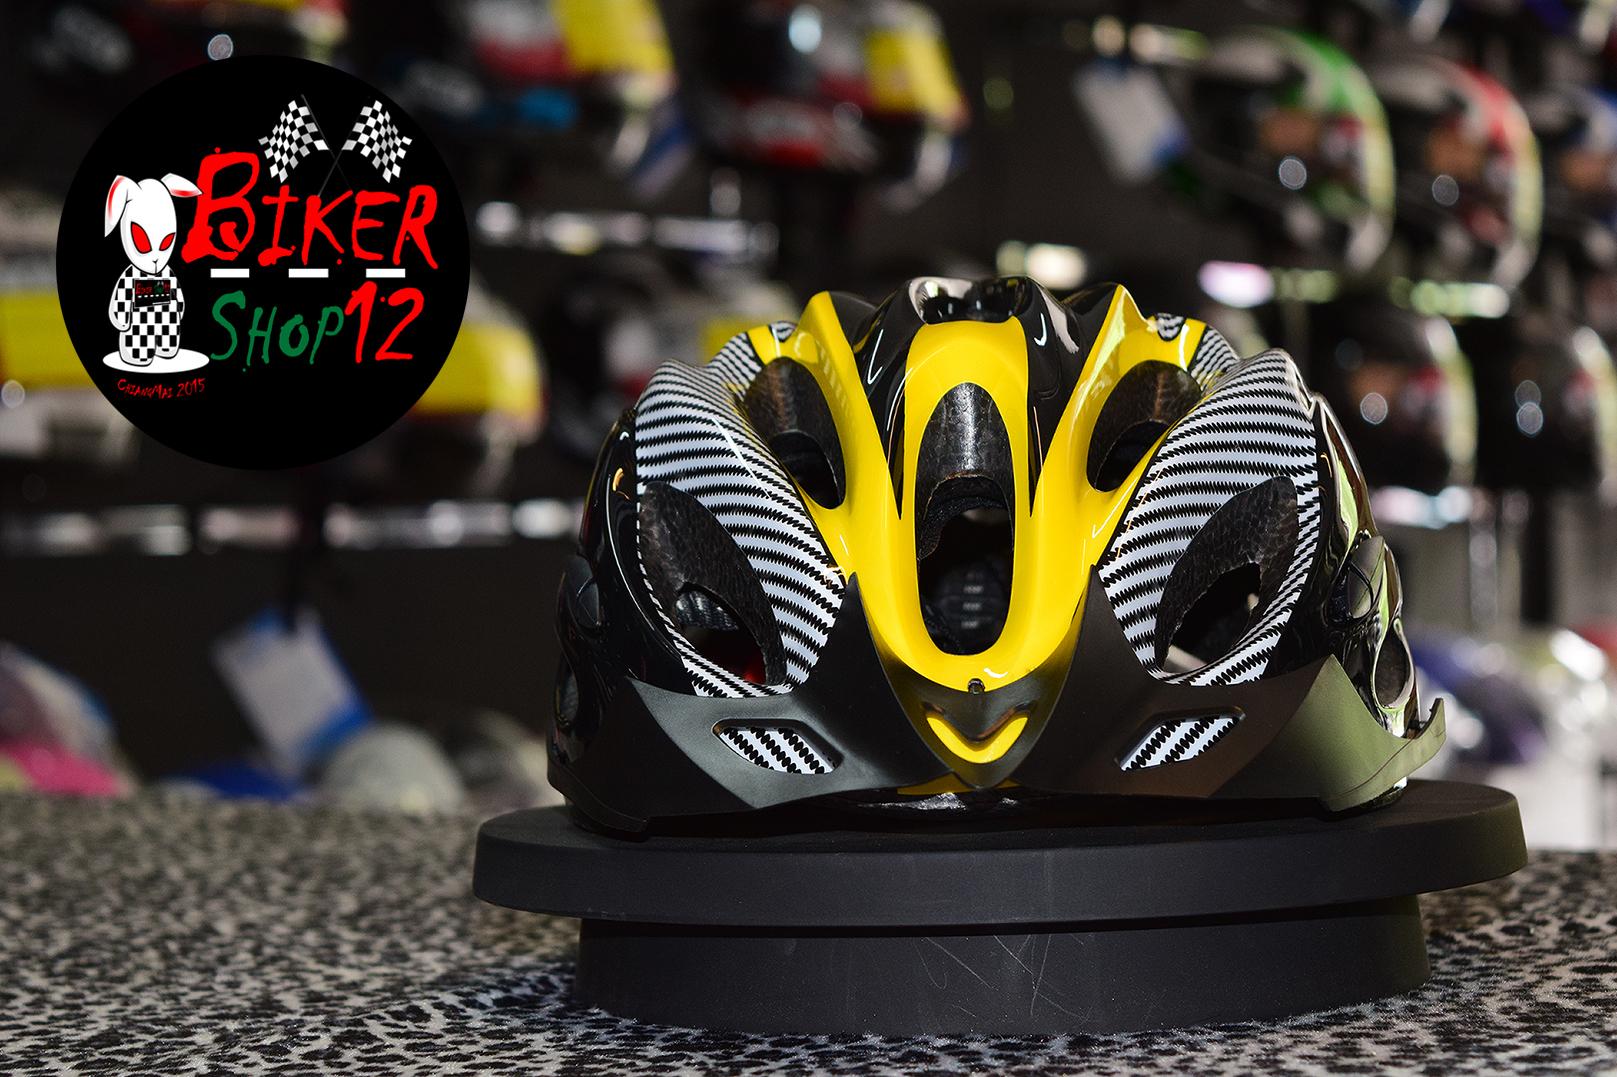 หมวกกันน็อค จักรยาน สีเหลือง-ดำ